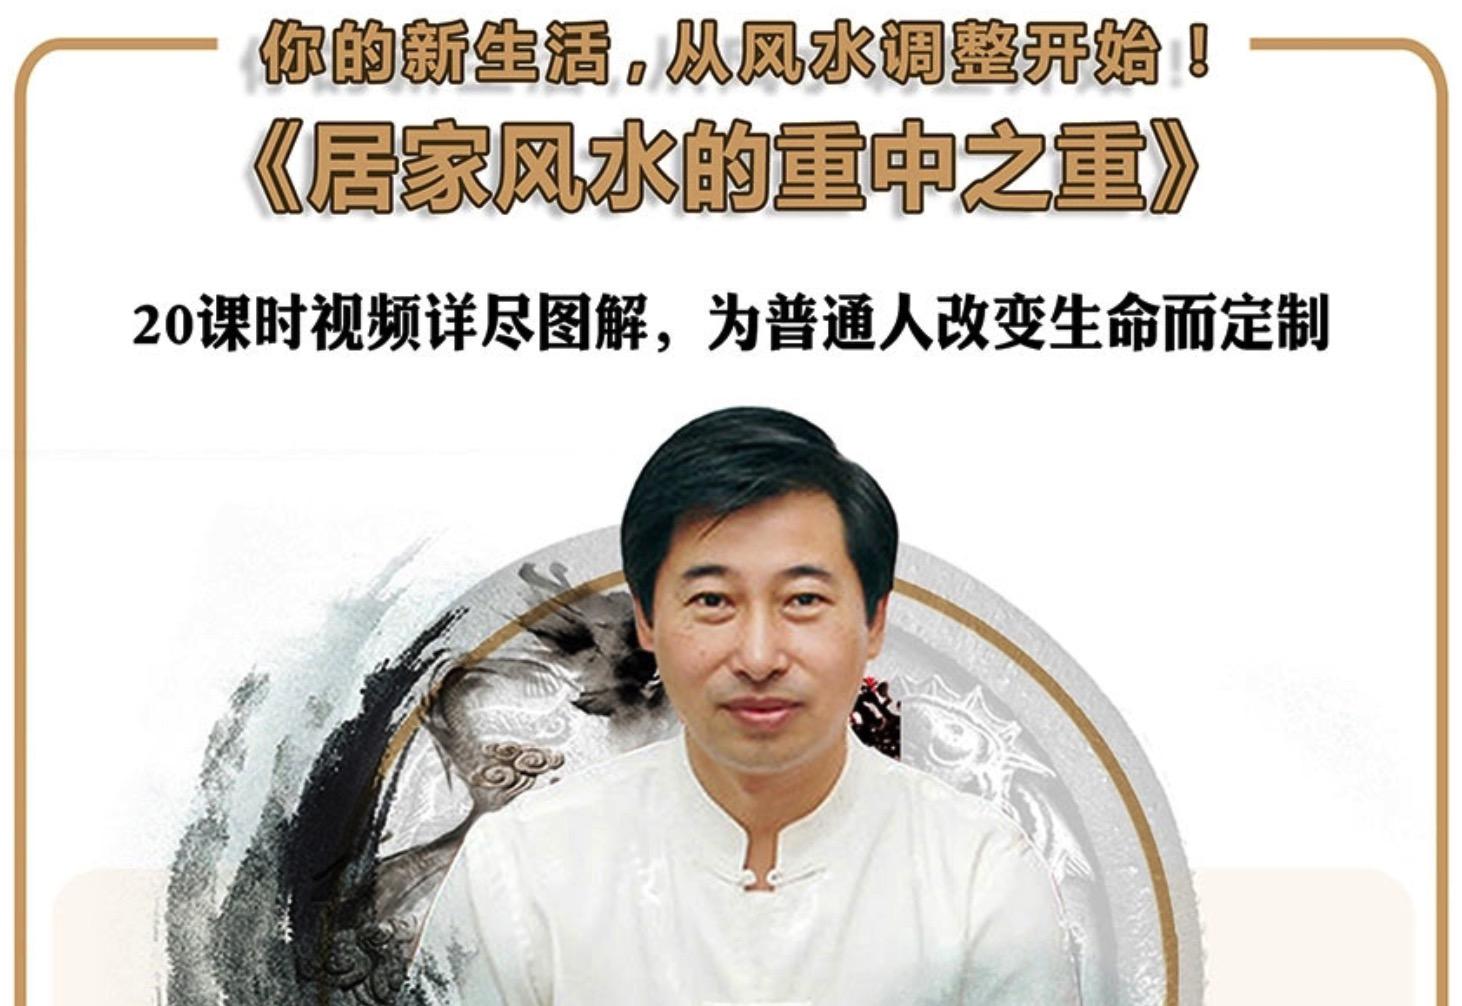 中国第一风水先生微调增运